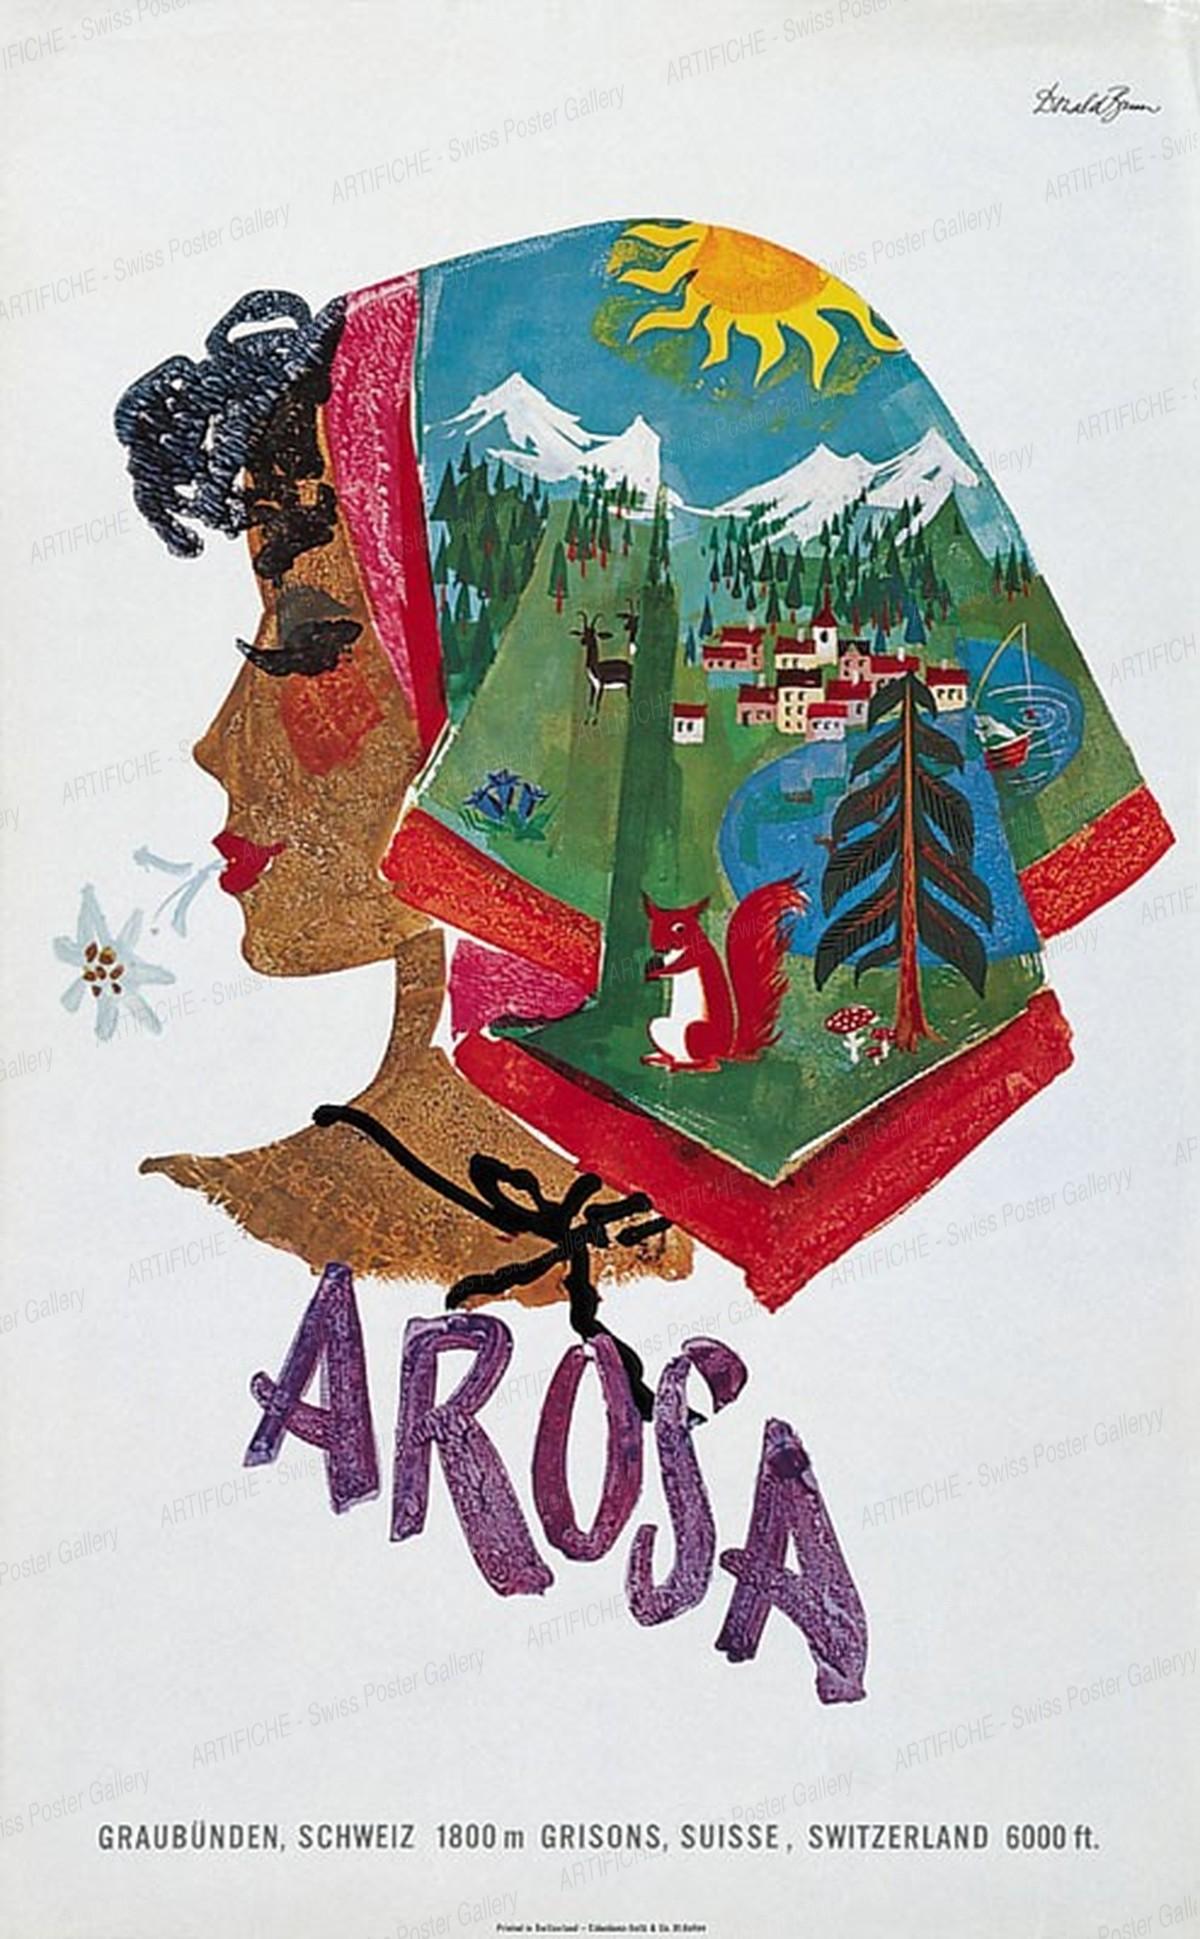 Arosa 6000 ft., Donald Brun